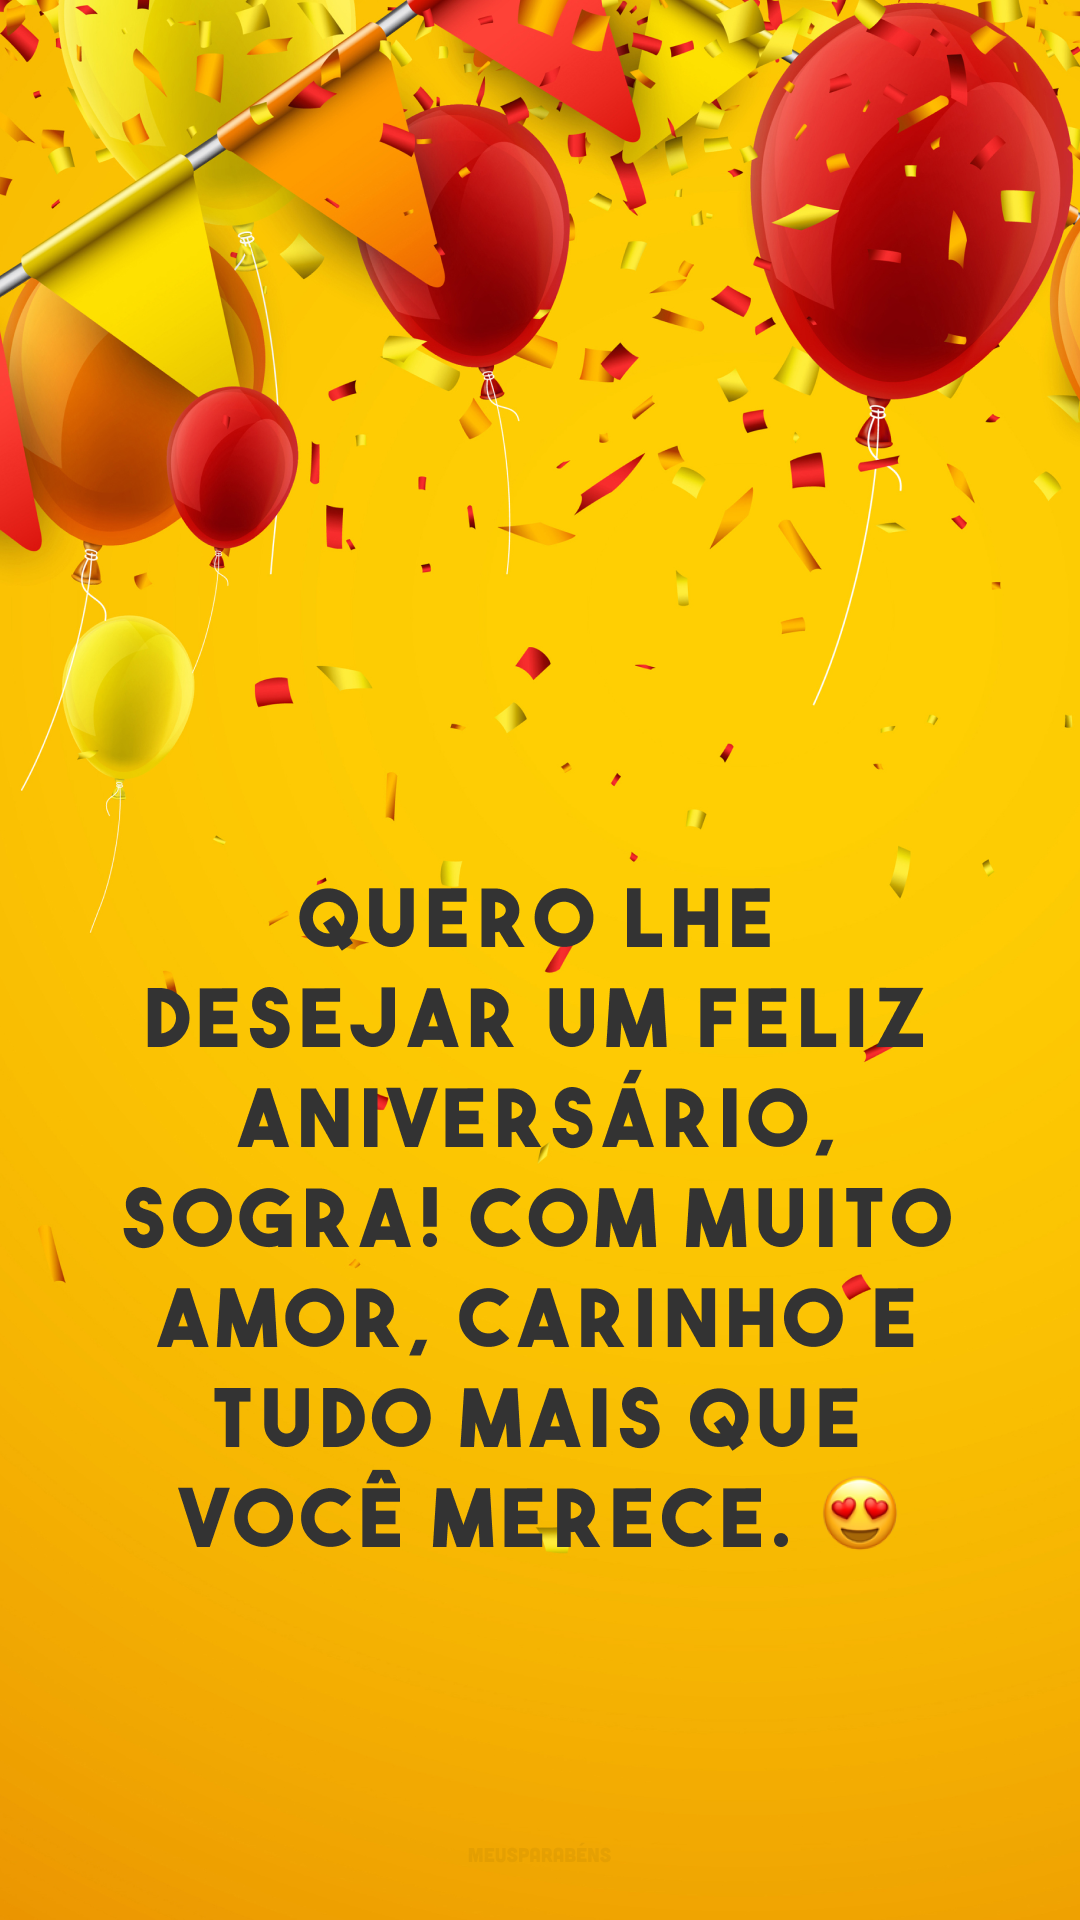 Quero lhe desejar um feliz aniversário, sogra! Com muito amor, carinho e tudo mais que você merece. 😍